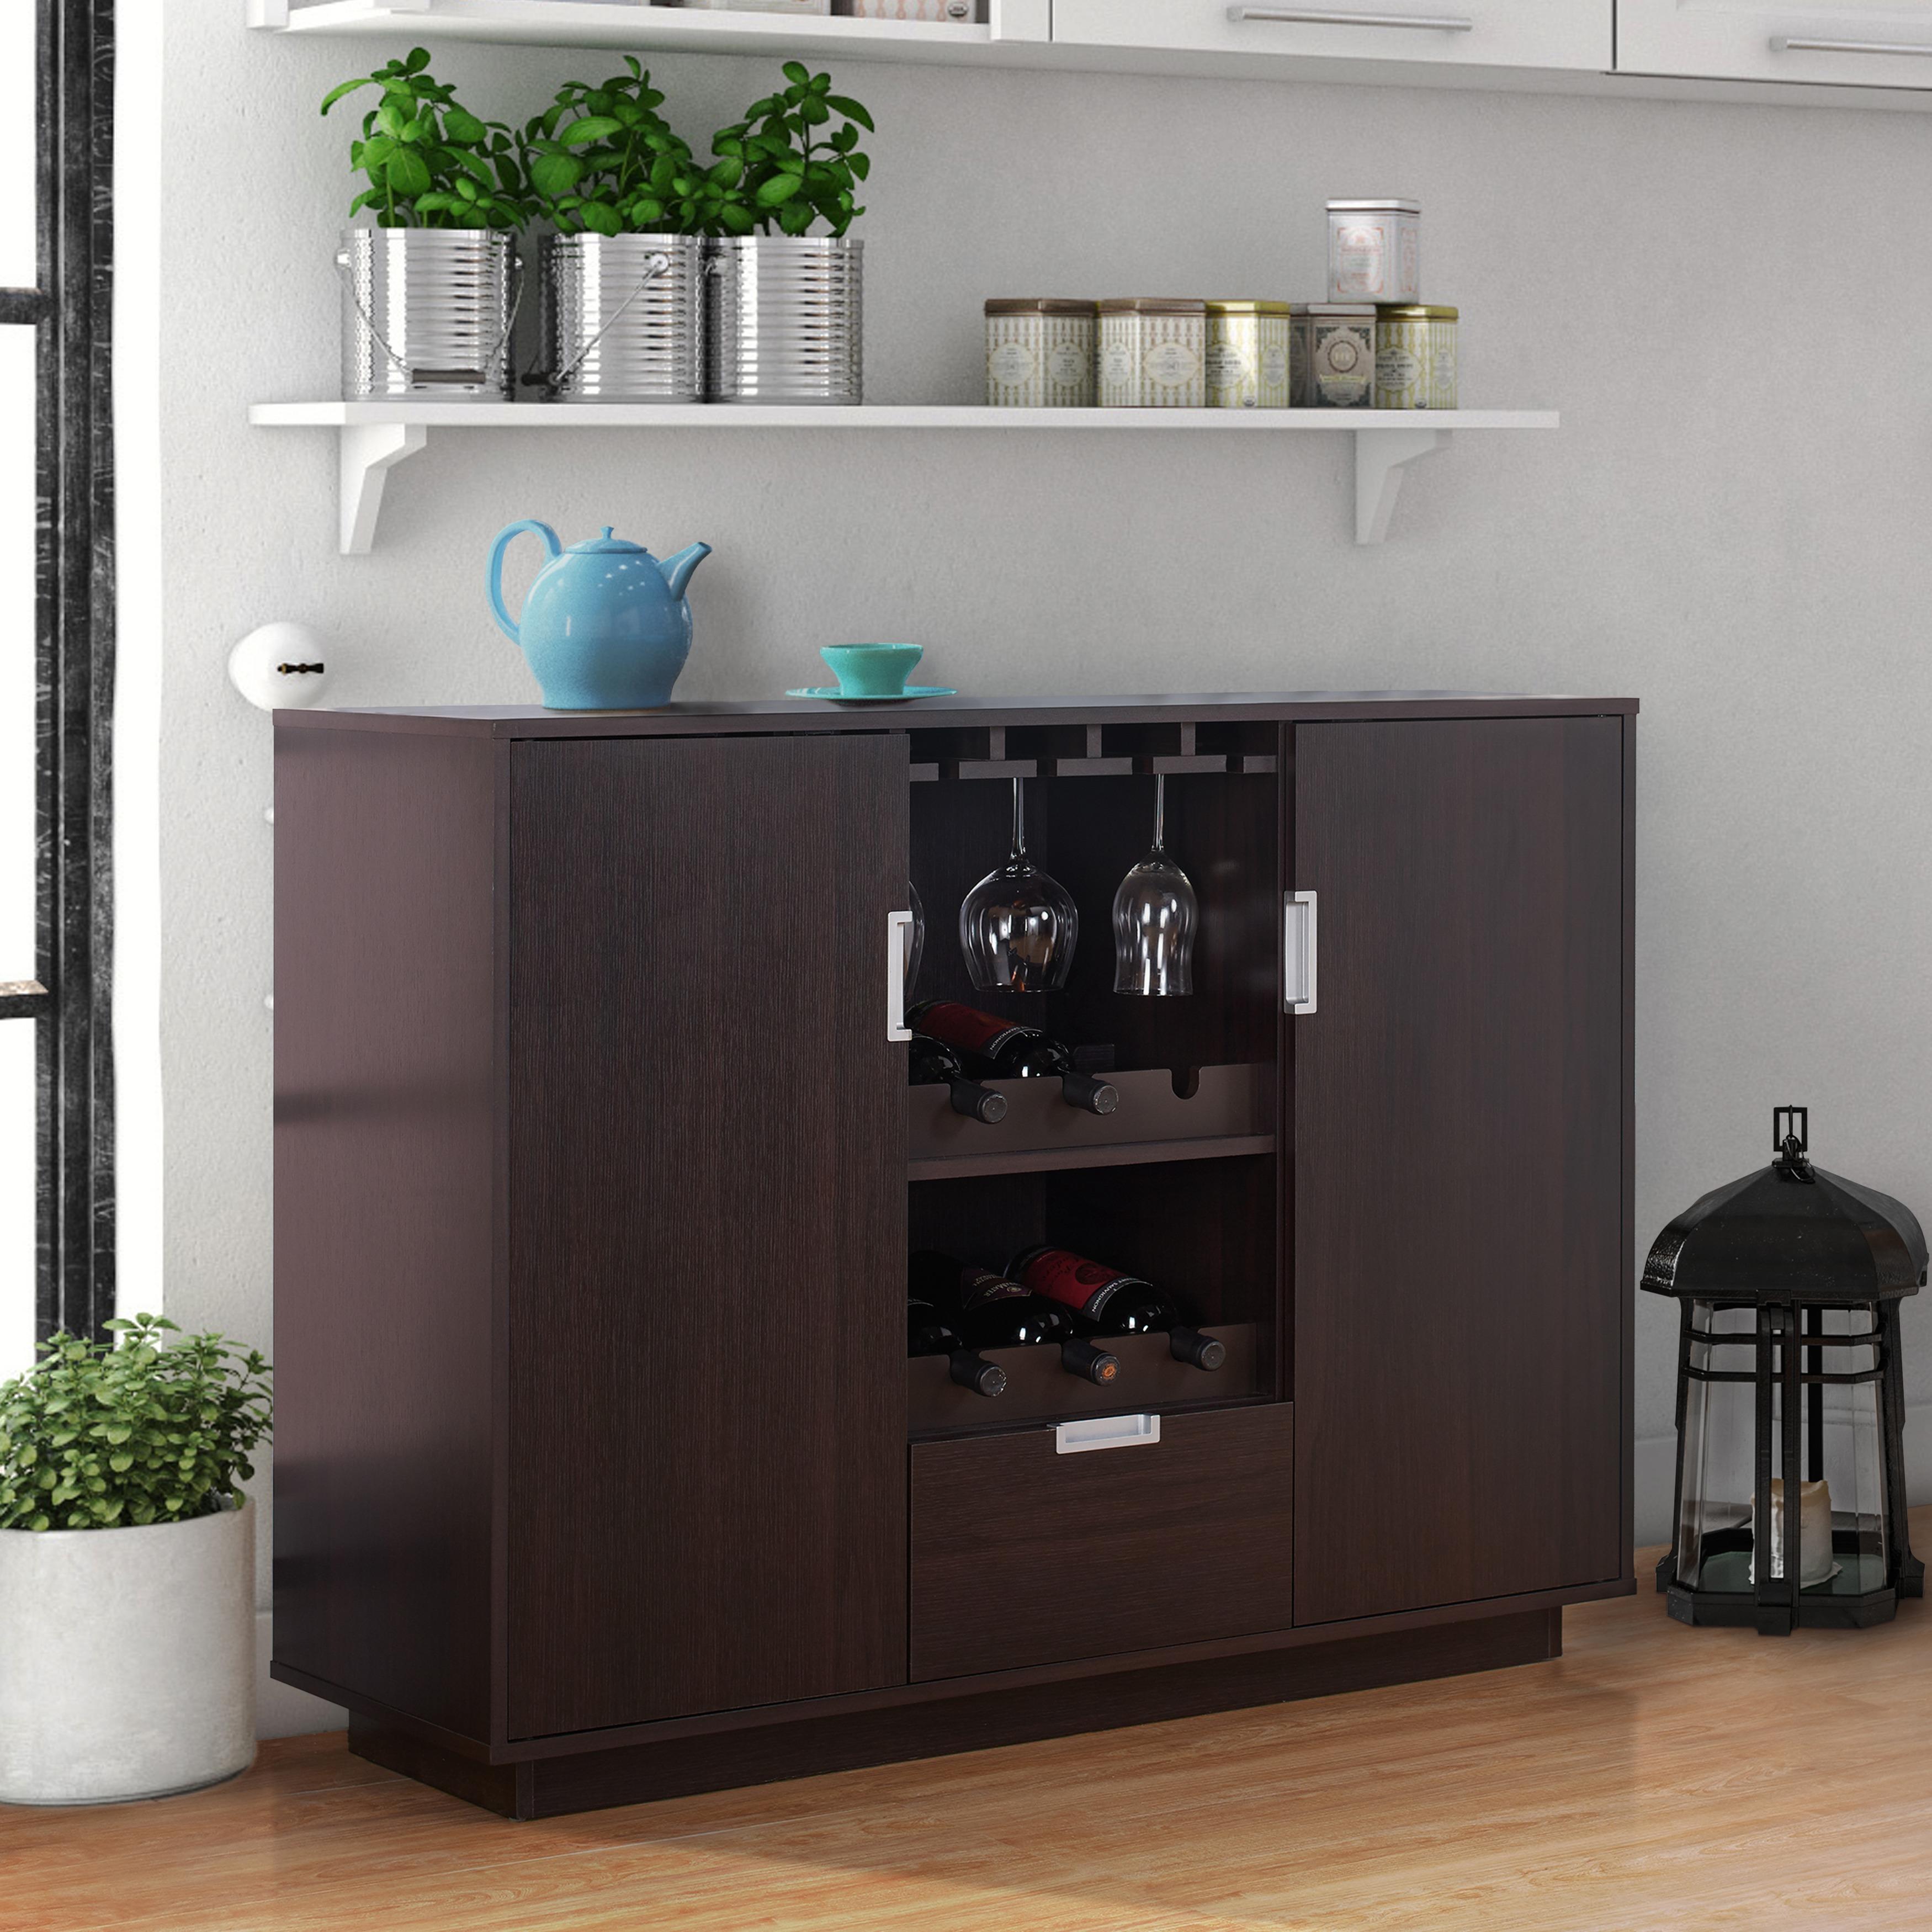 Furniture of America Sivira Modern Espresso Multi-Storage...